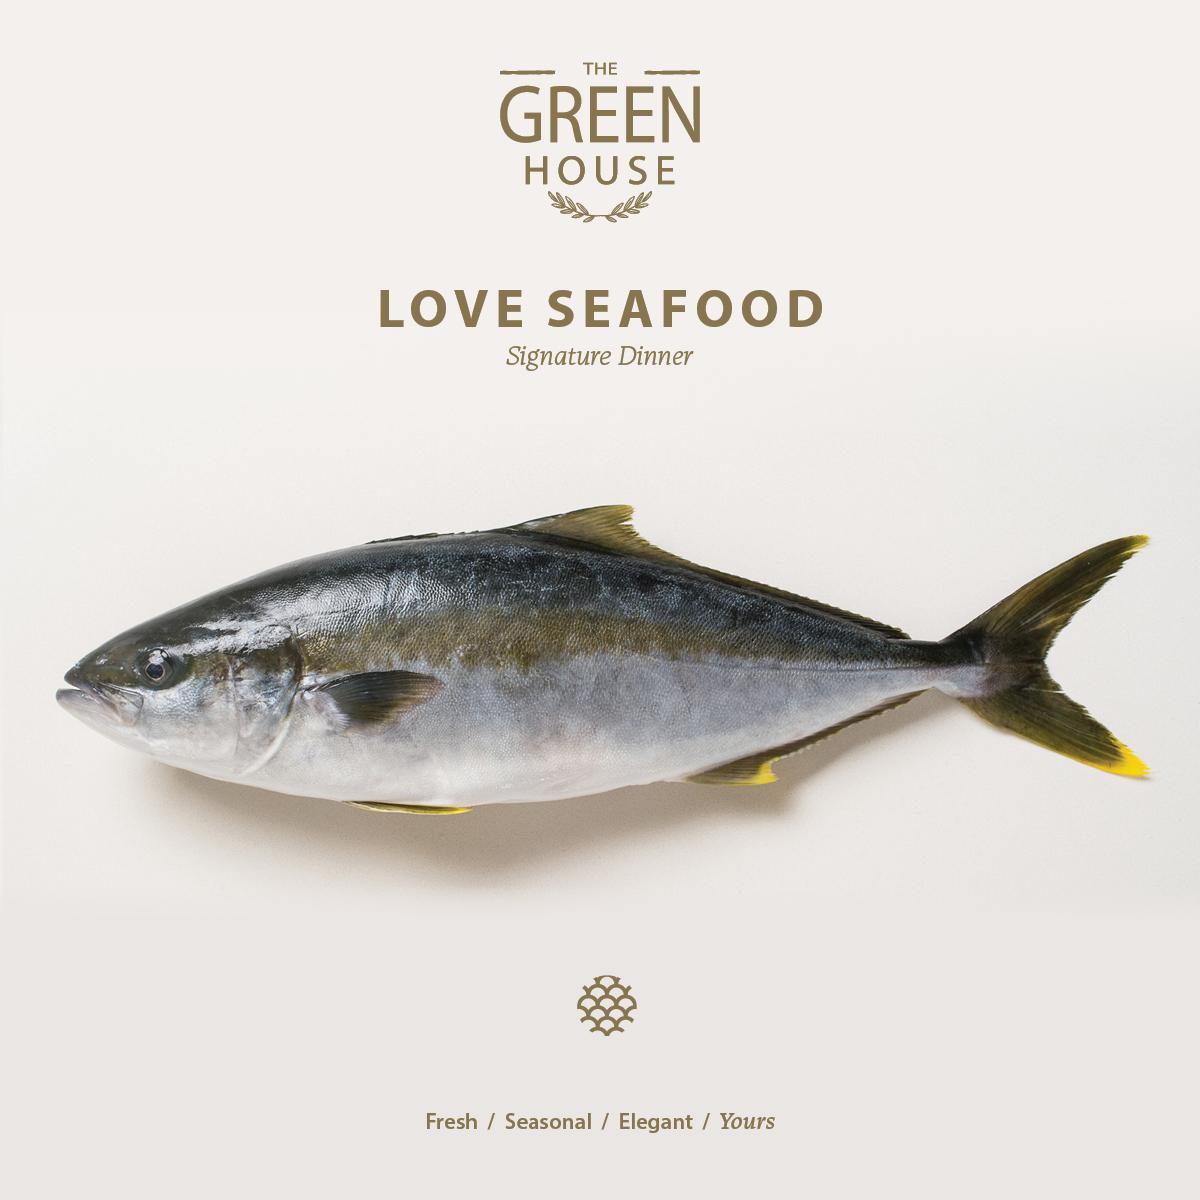 Love Seafood Signature Dinner SM.jpg